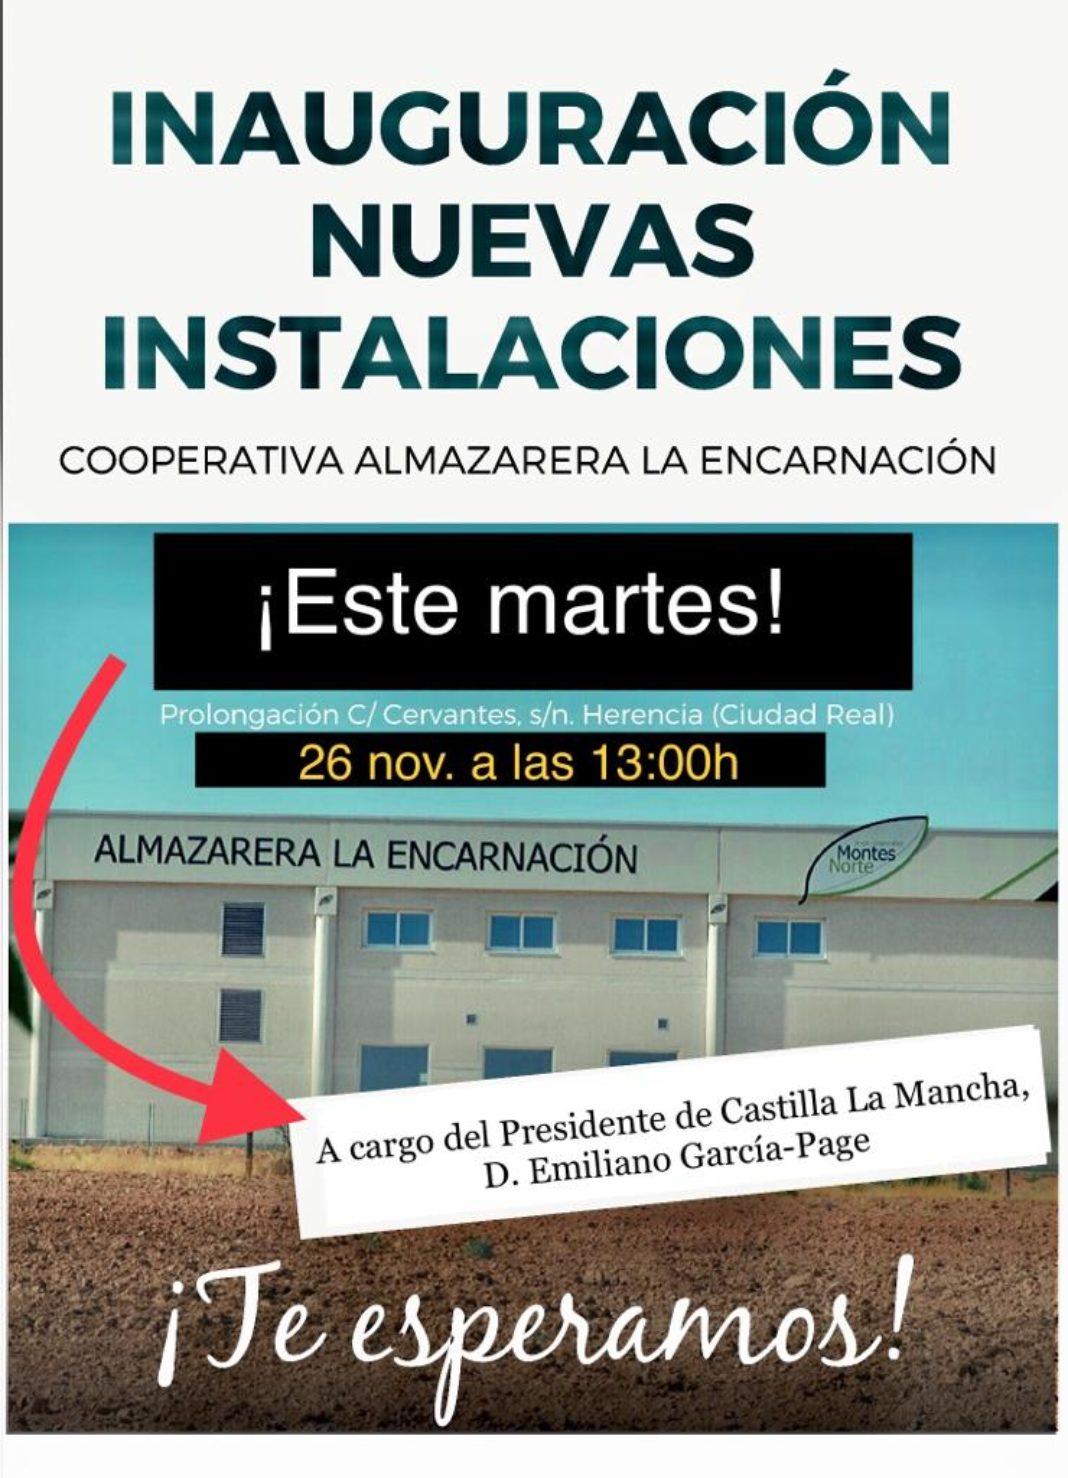 Emiliano García-Page inaugurará las nuevas instalaciones de la cooperativa almazara La Encarnación 13